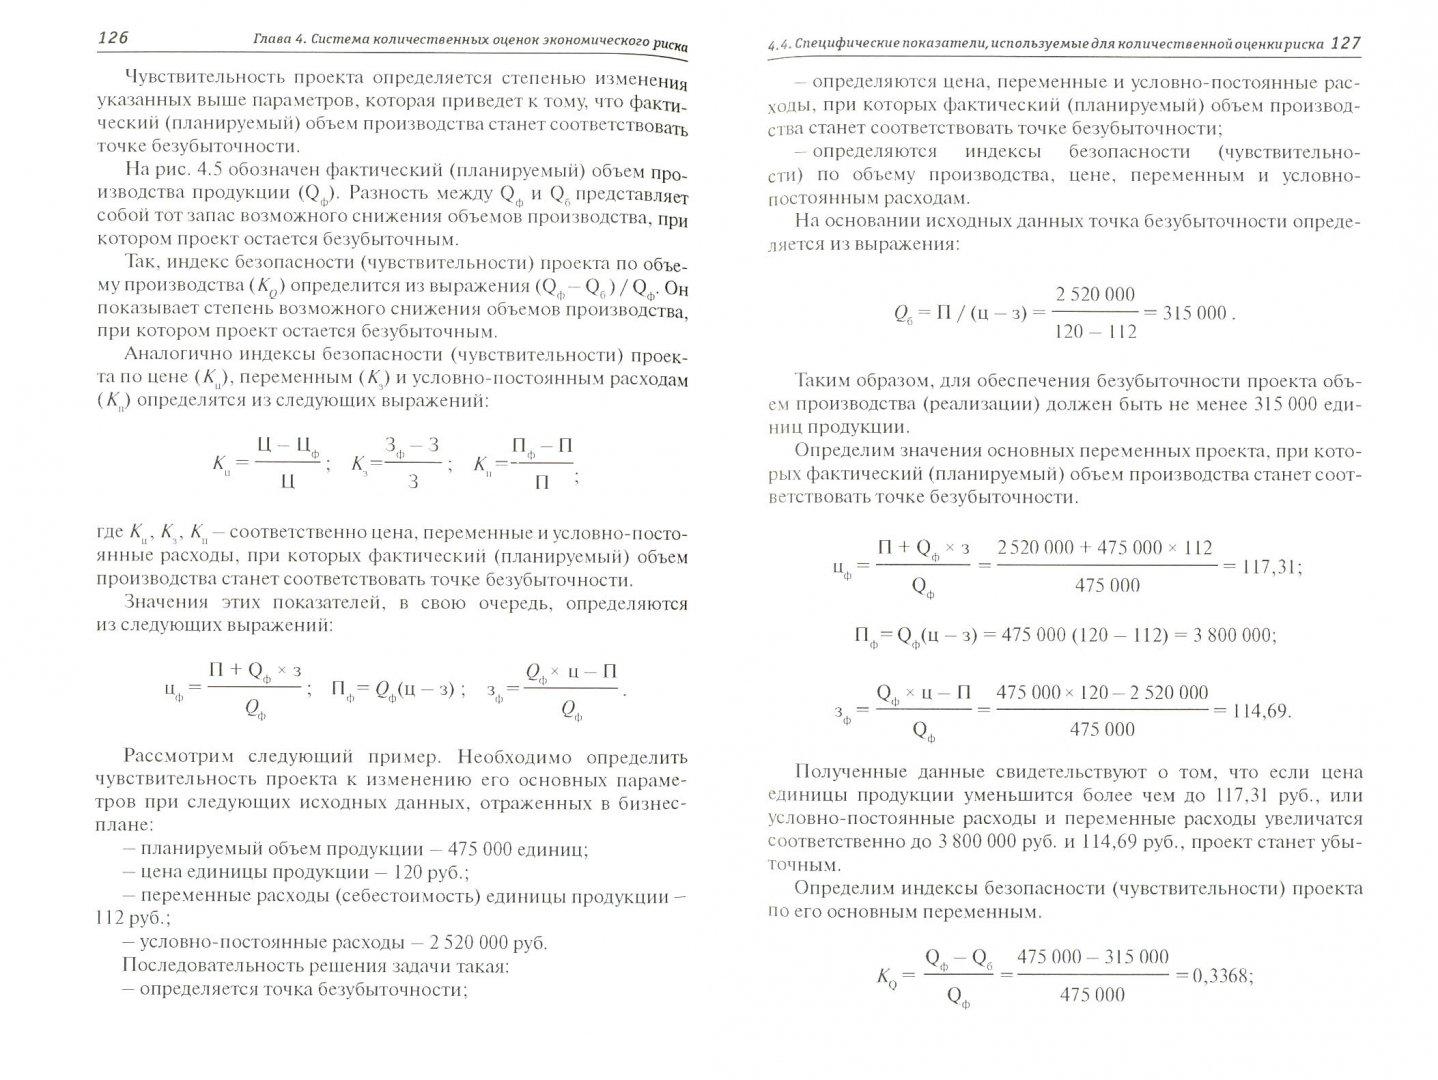 Иллюстрация 1 из 3 для Экономический риск: сущность, методы измерения, пути снижения: учебное пособие - Владимир Гранатуров | Лабиринт - книги. Источник: Лабиринт